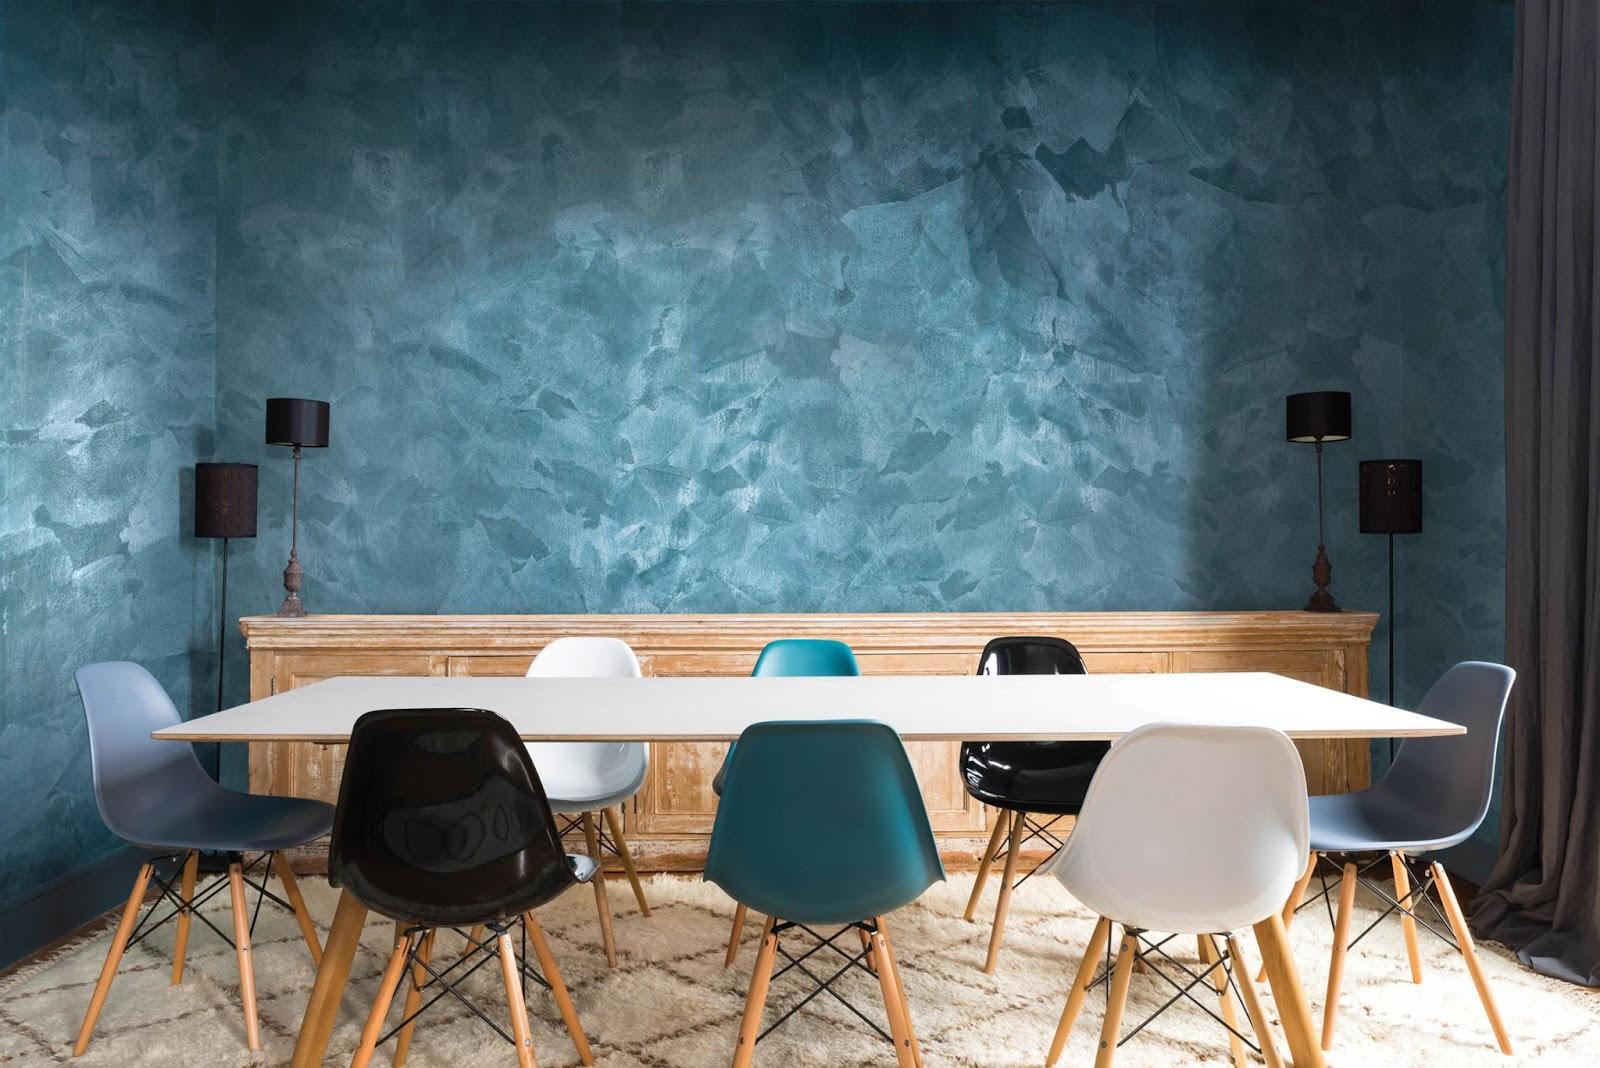 Waldo - Vị trí ứng dụng - Sơn hiệu ứng Tarismo nhũ nhung ngọc trai trang trí bức tường trong văn phòng